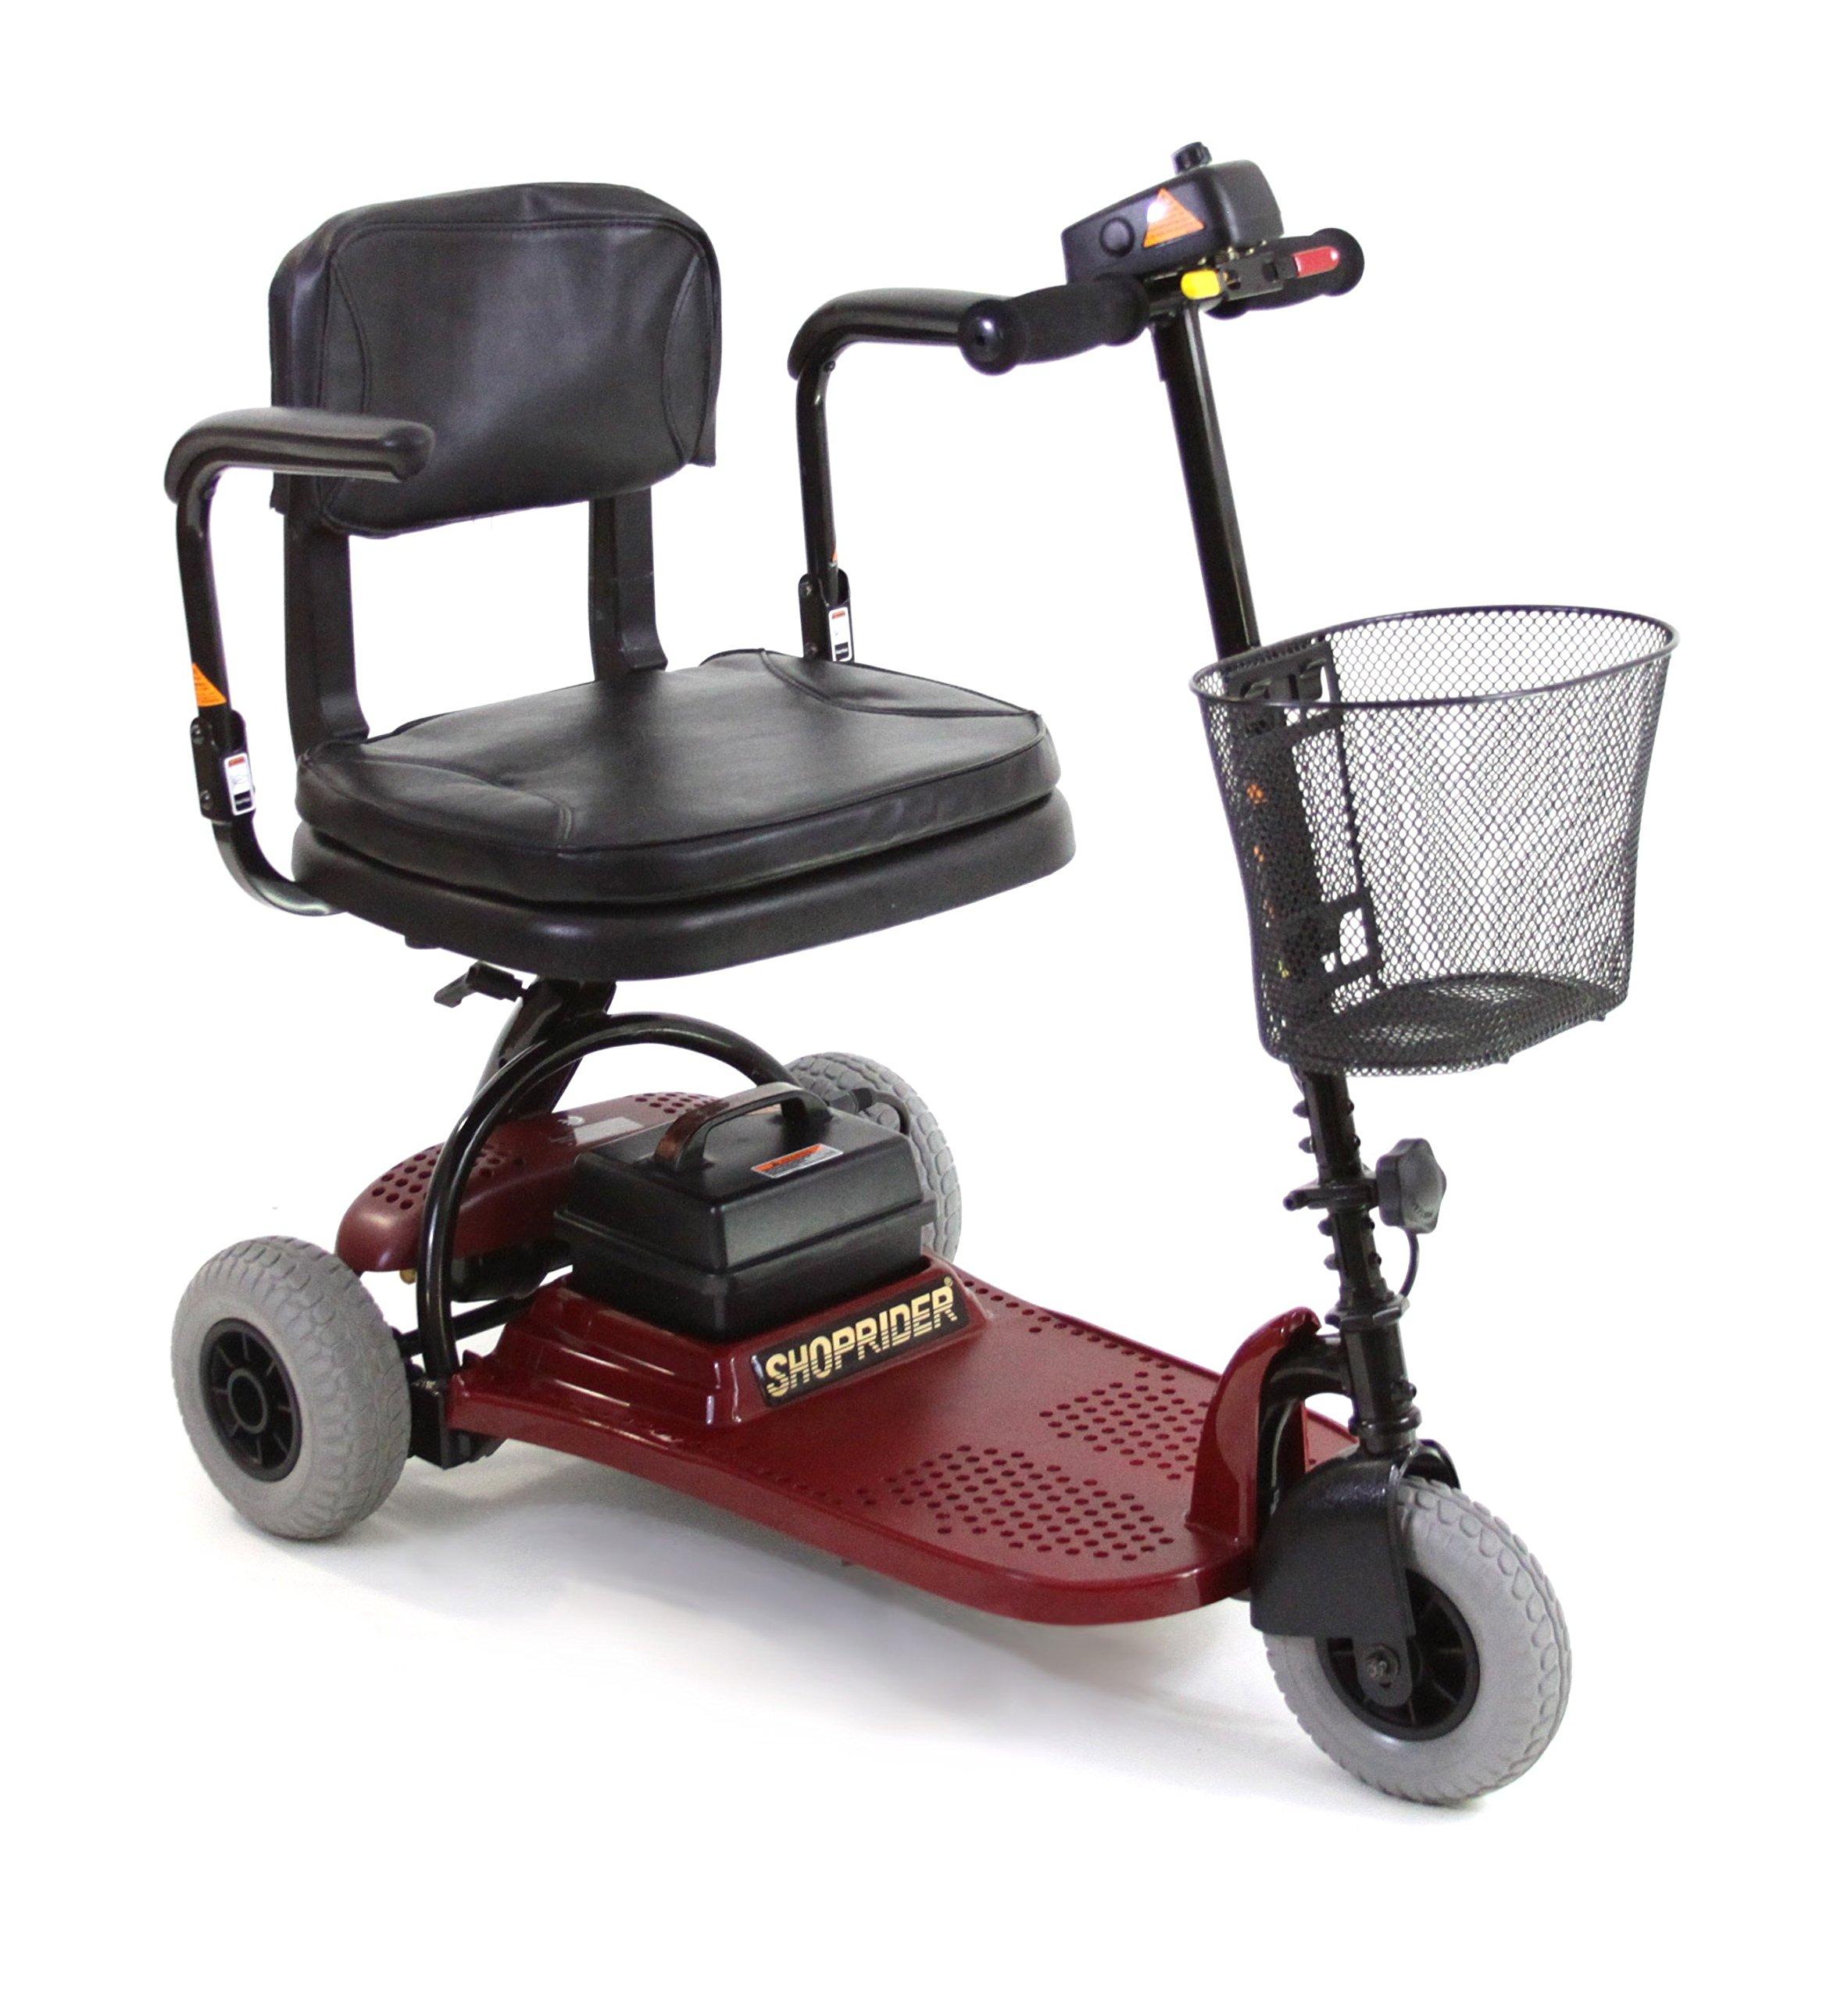 Shoprider Echo 3 Wheel Scooter, Red, 70 Pound